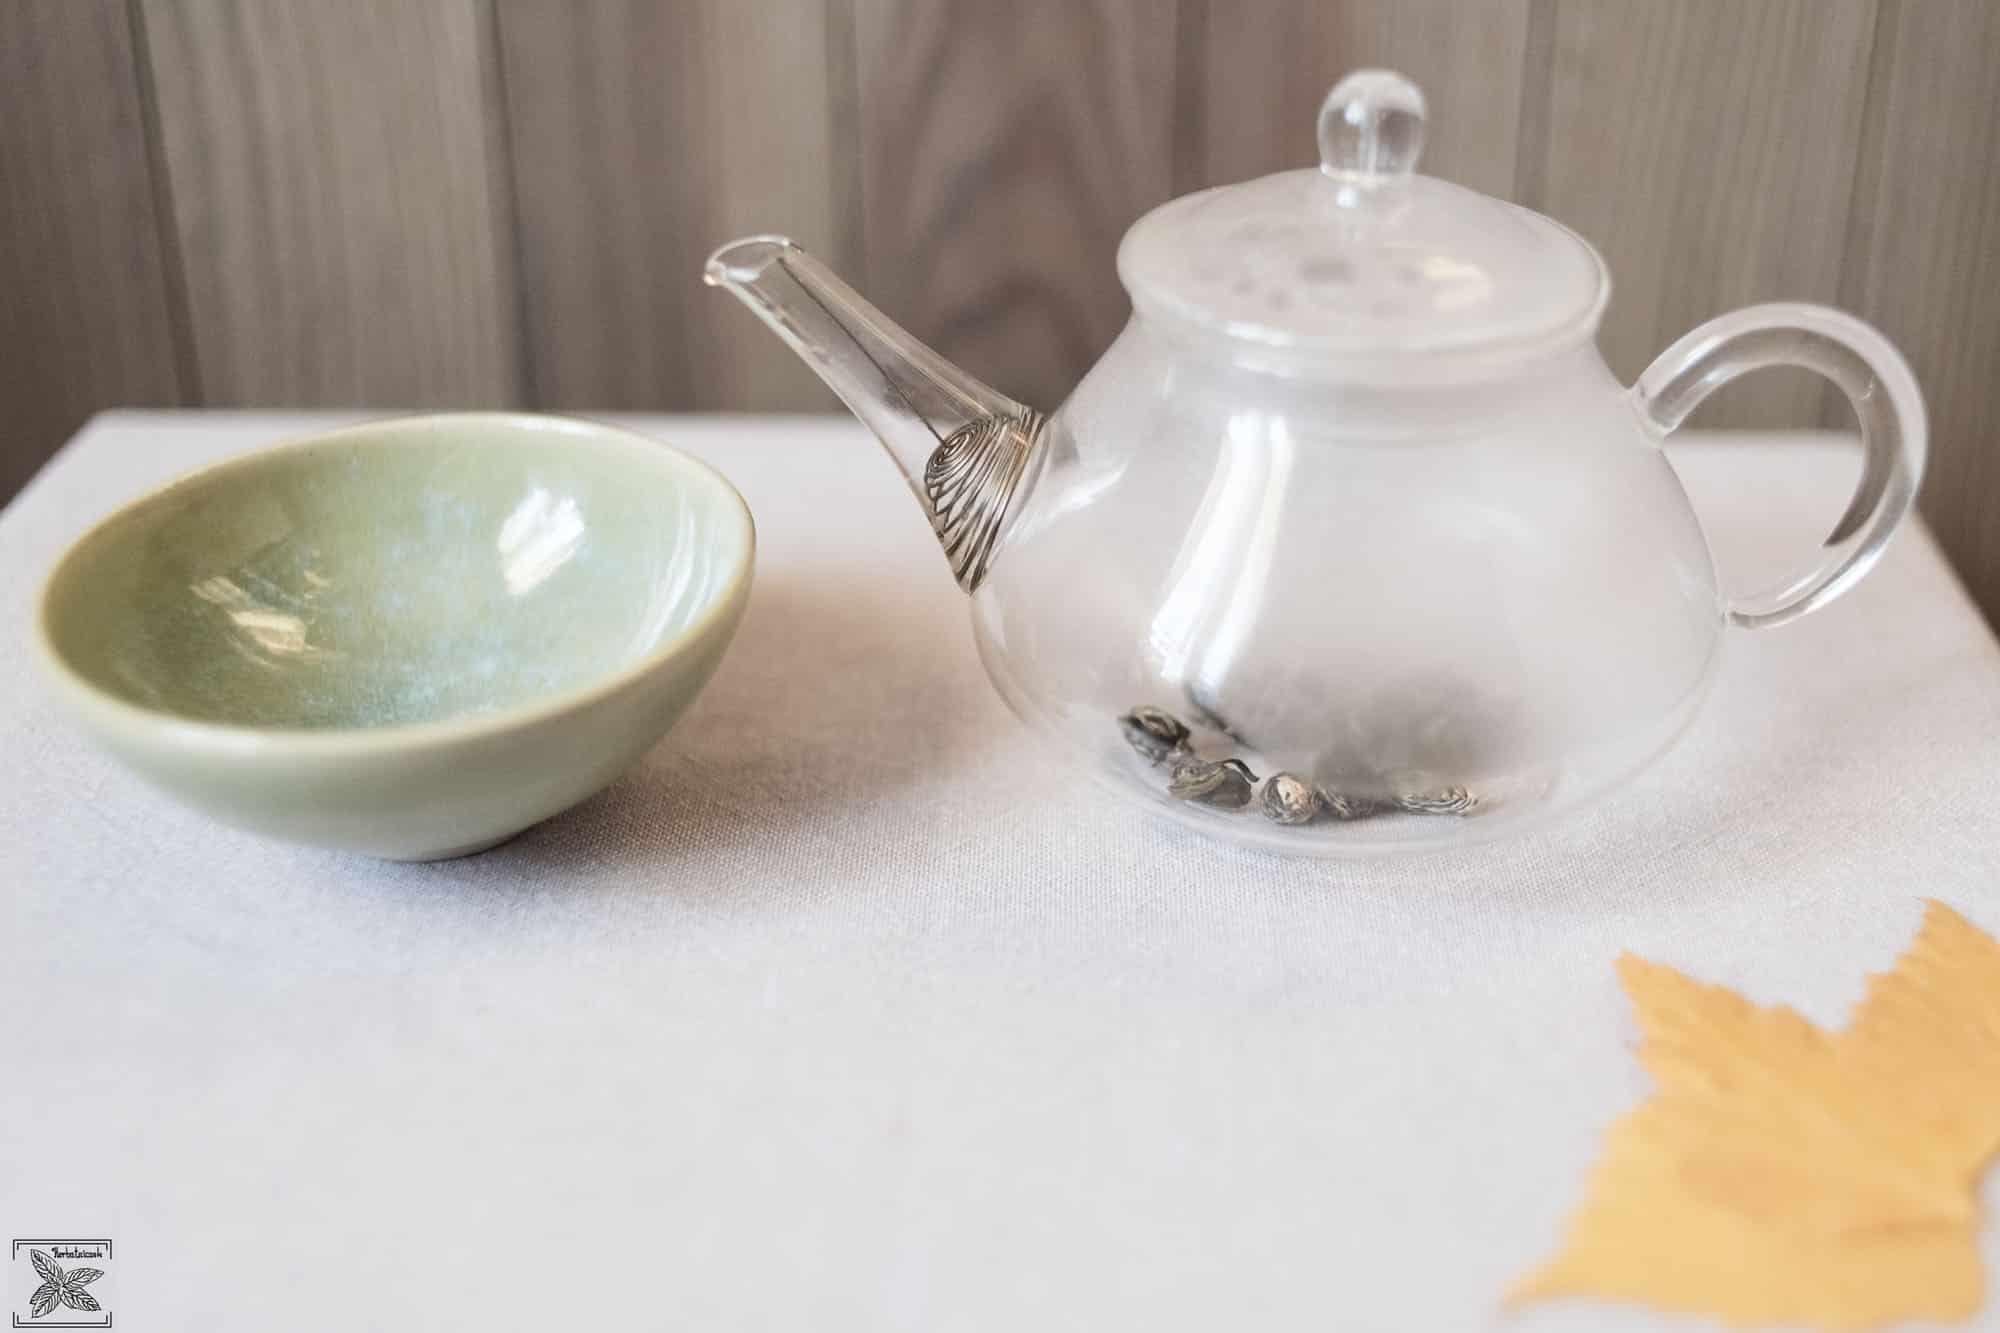 Zielona herbata z Fujian - Oczy Fenixa: przygotowanie do parzenia